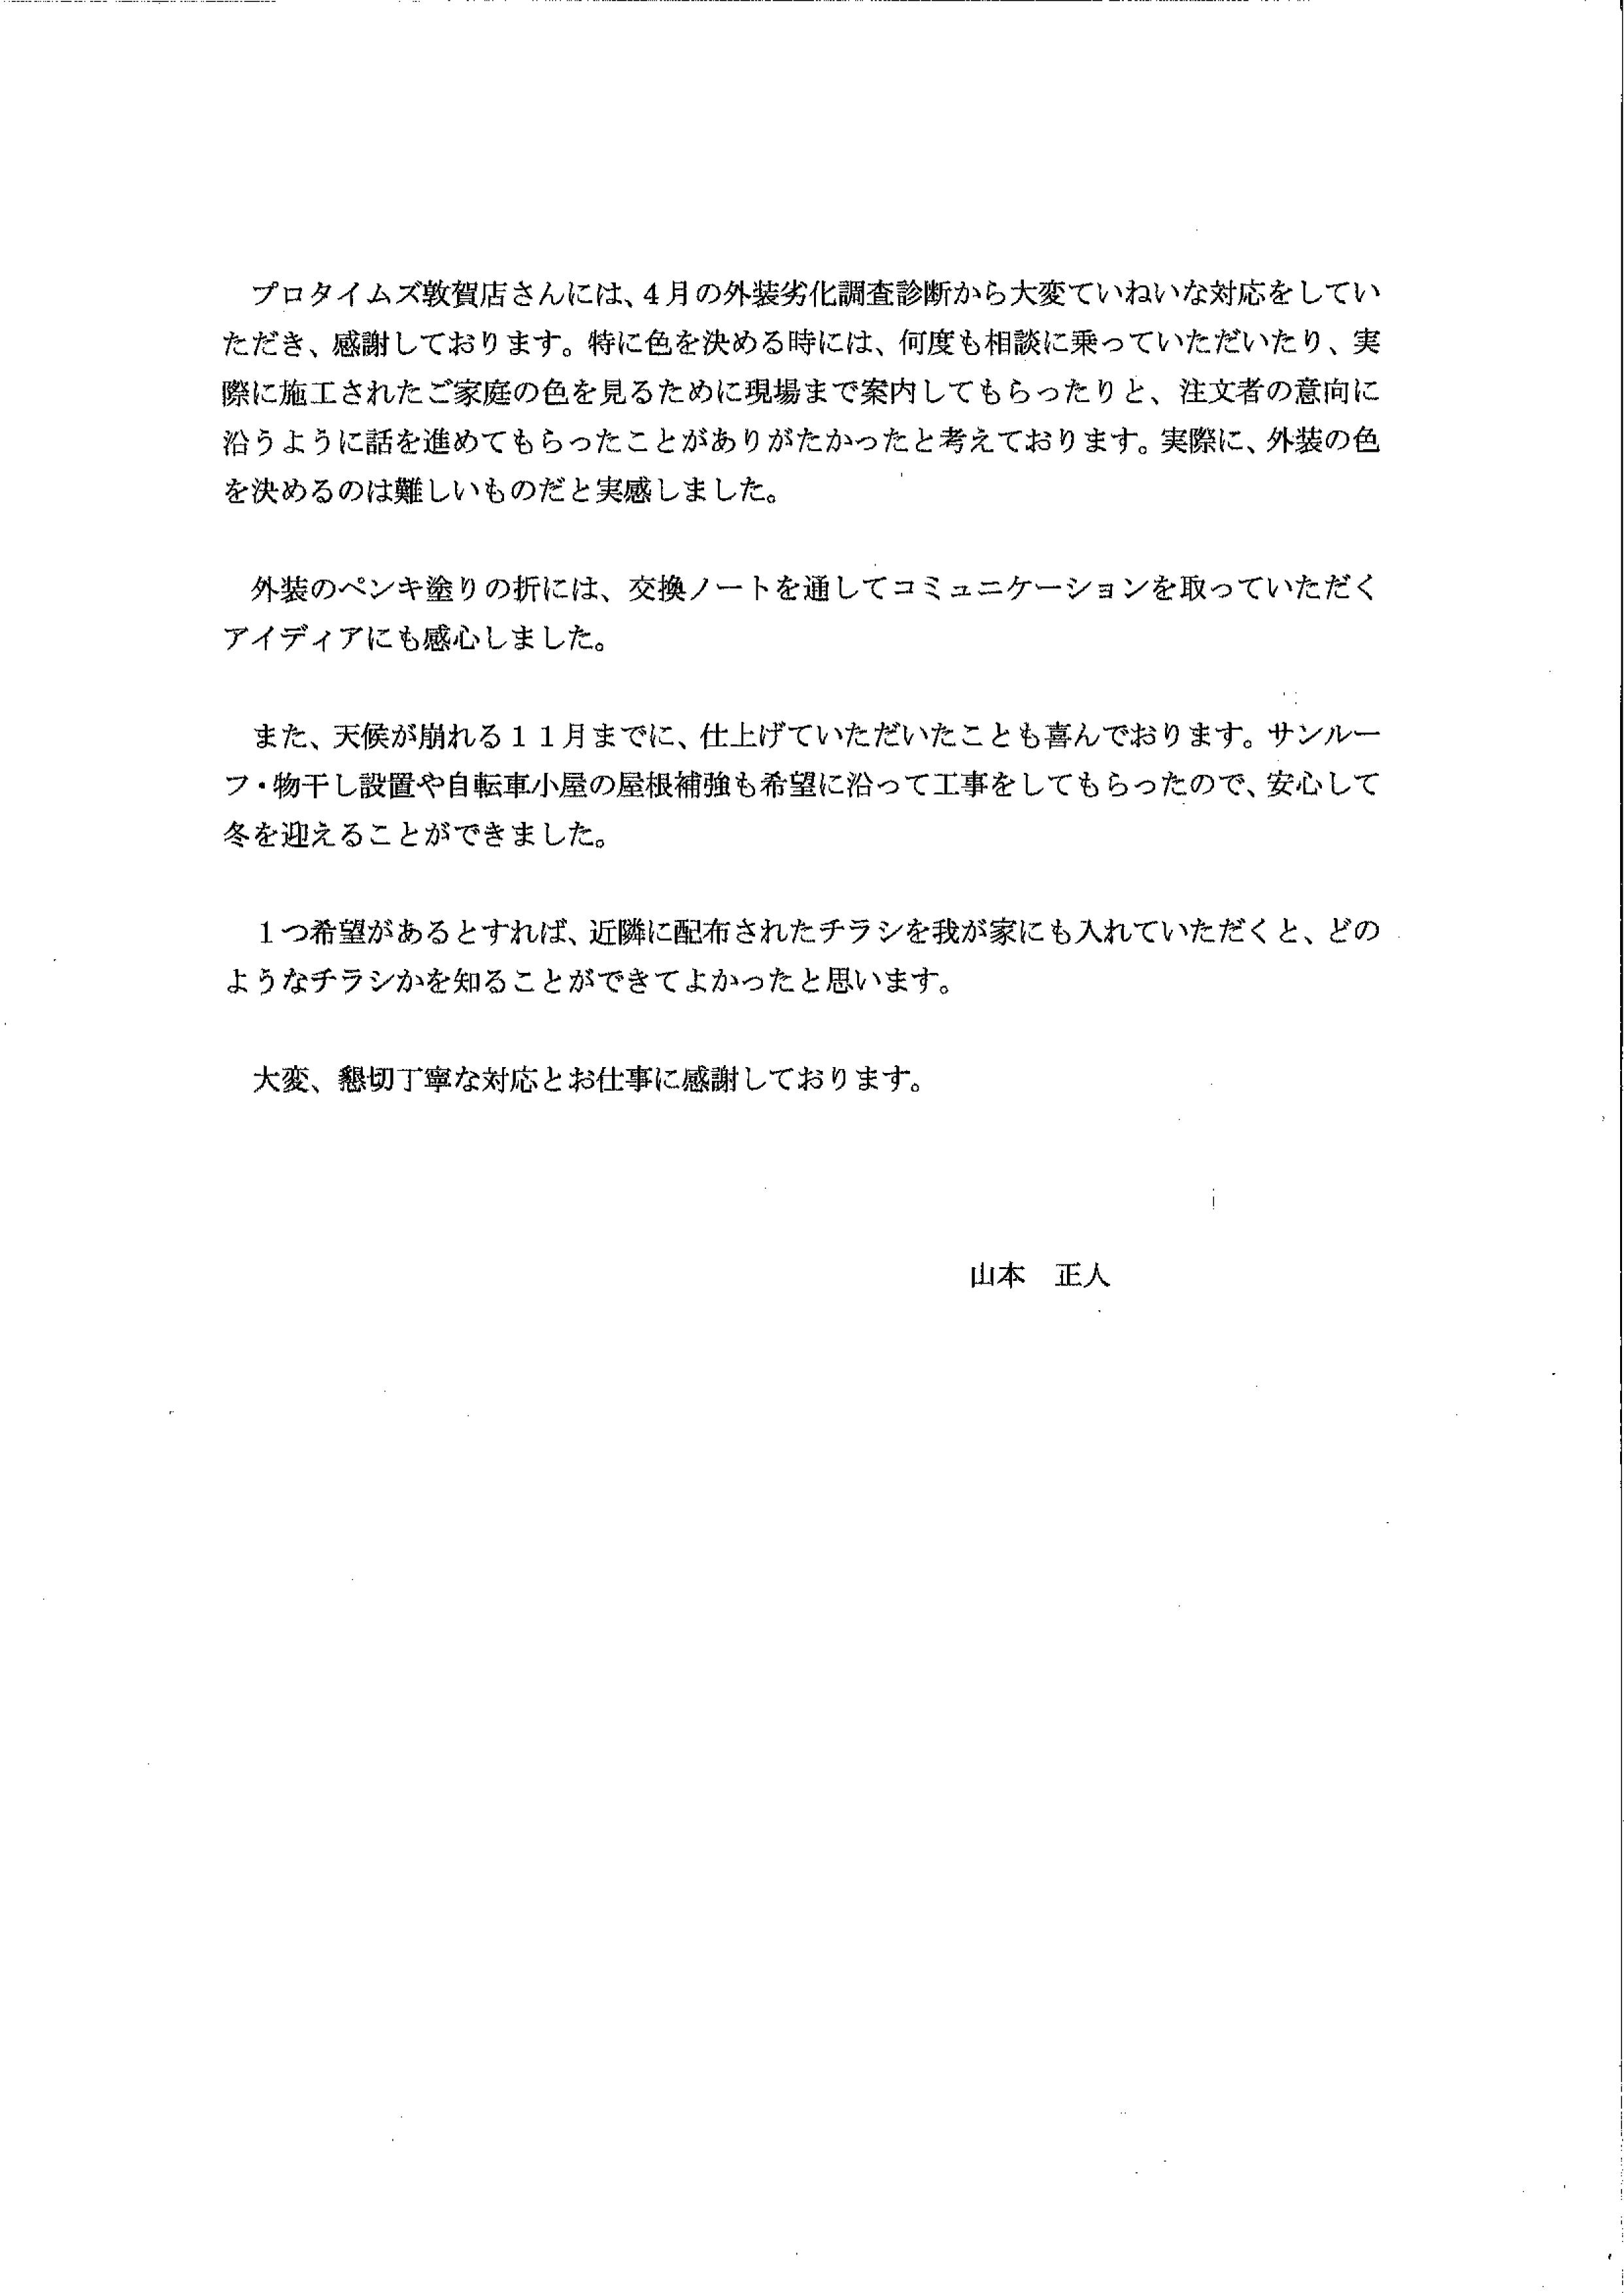 アンケート山本正人様